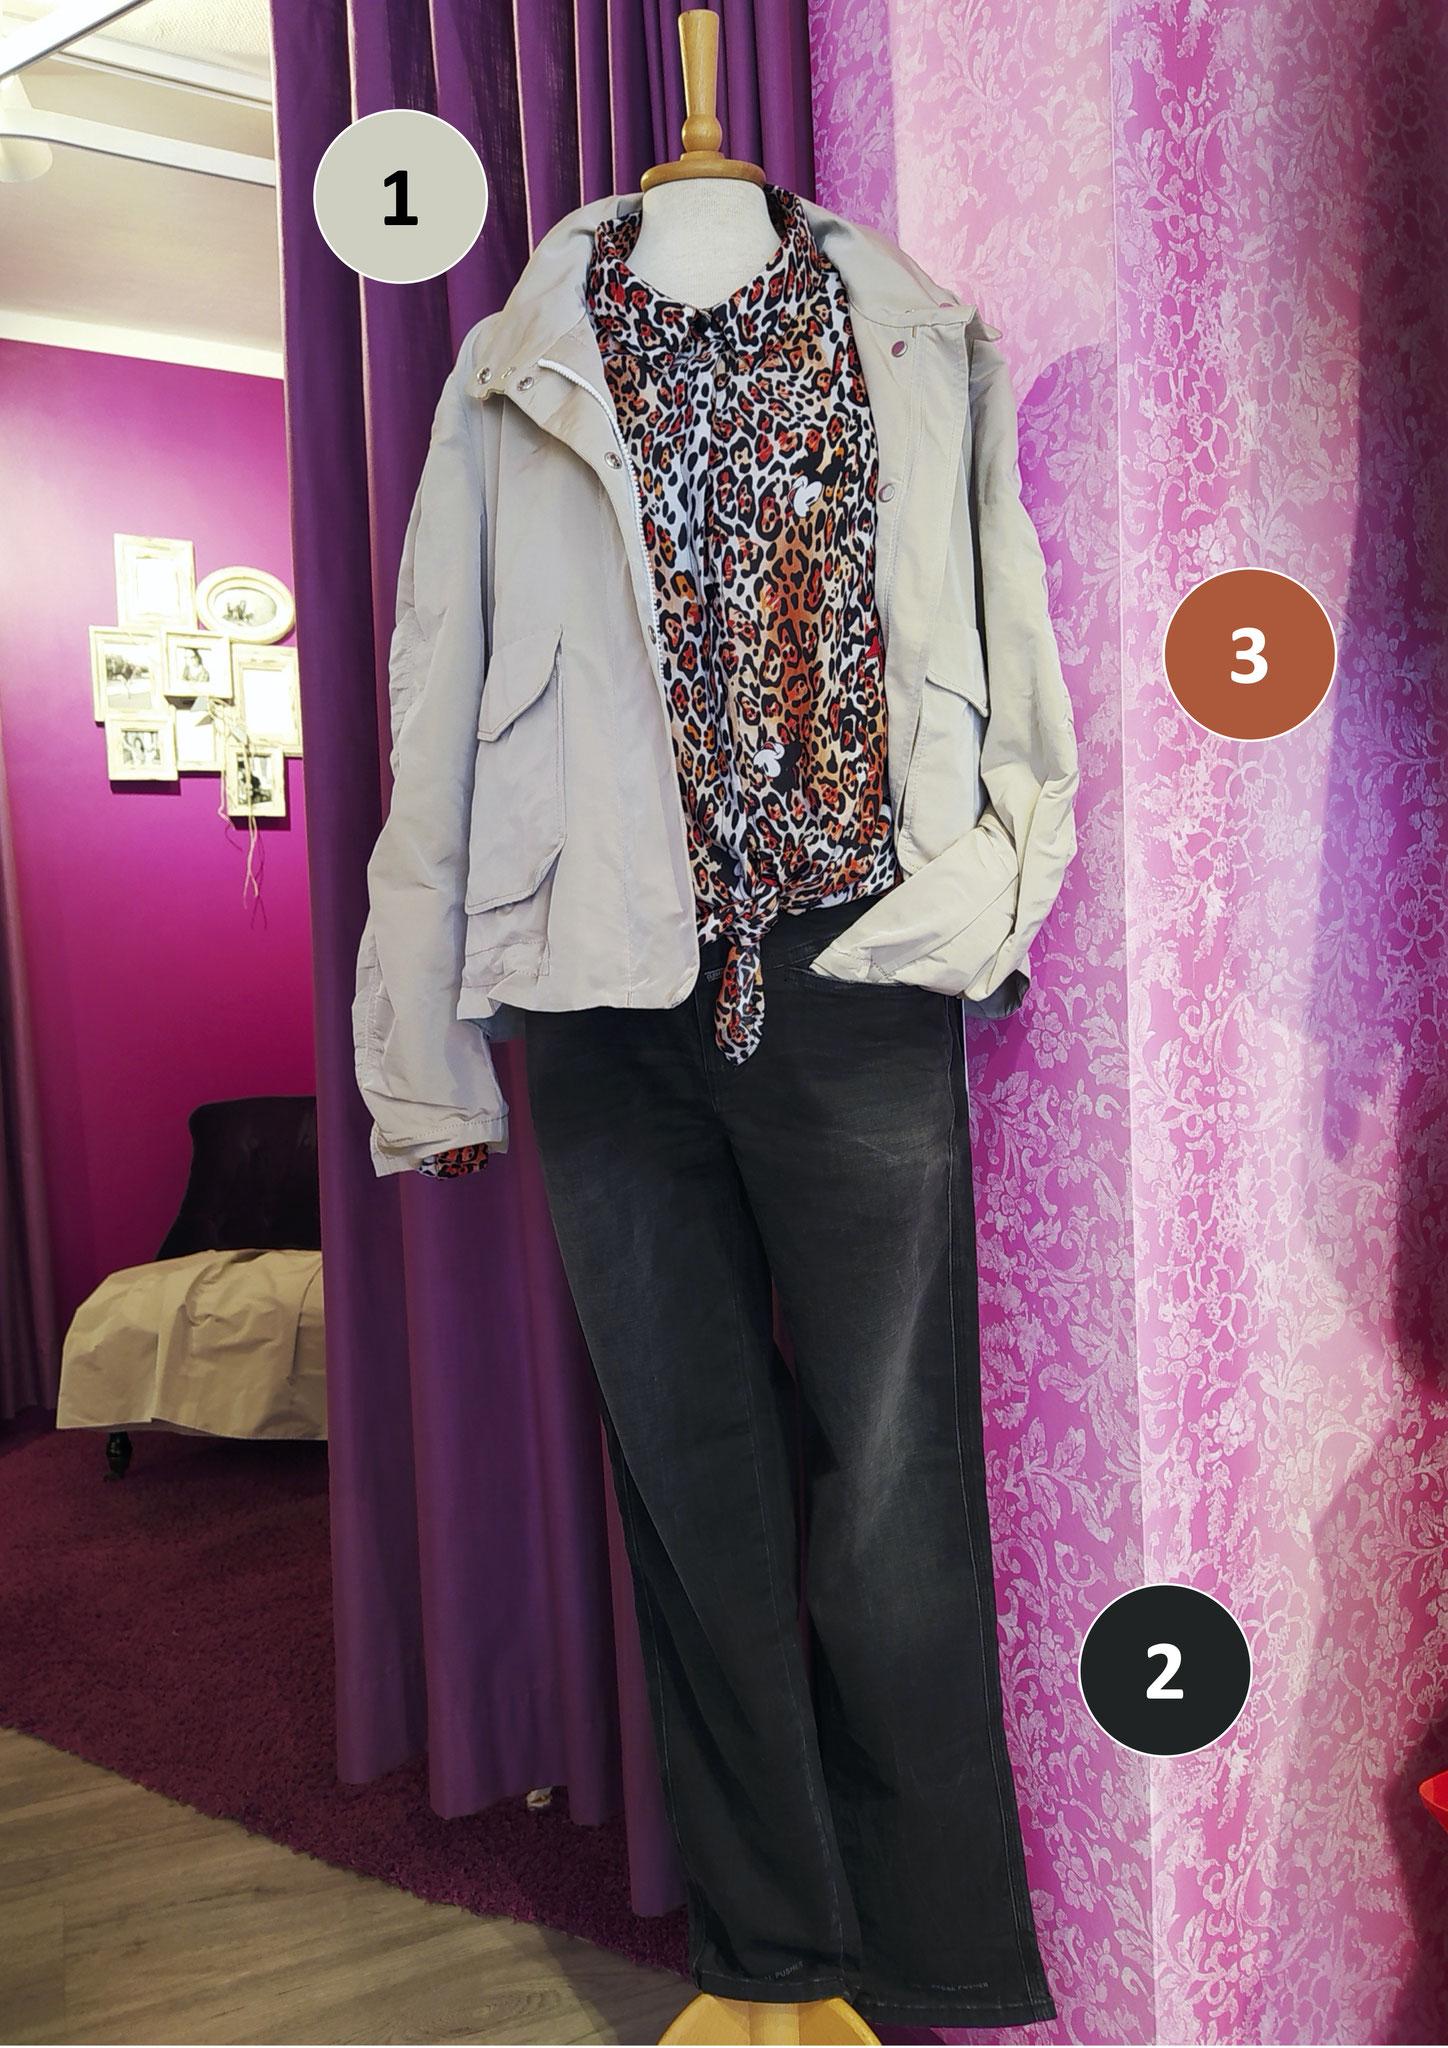 1. Leichte Oversized-Jacke von Marc Cain (299€), 2. Jeans von closed, höherer Bund (jetzt 99€), 3. Bluse von frogbox (jetzt 70€)